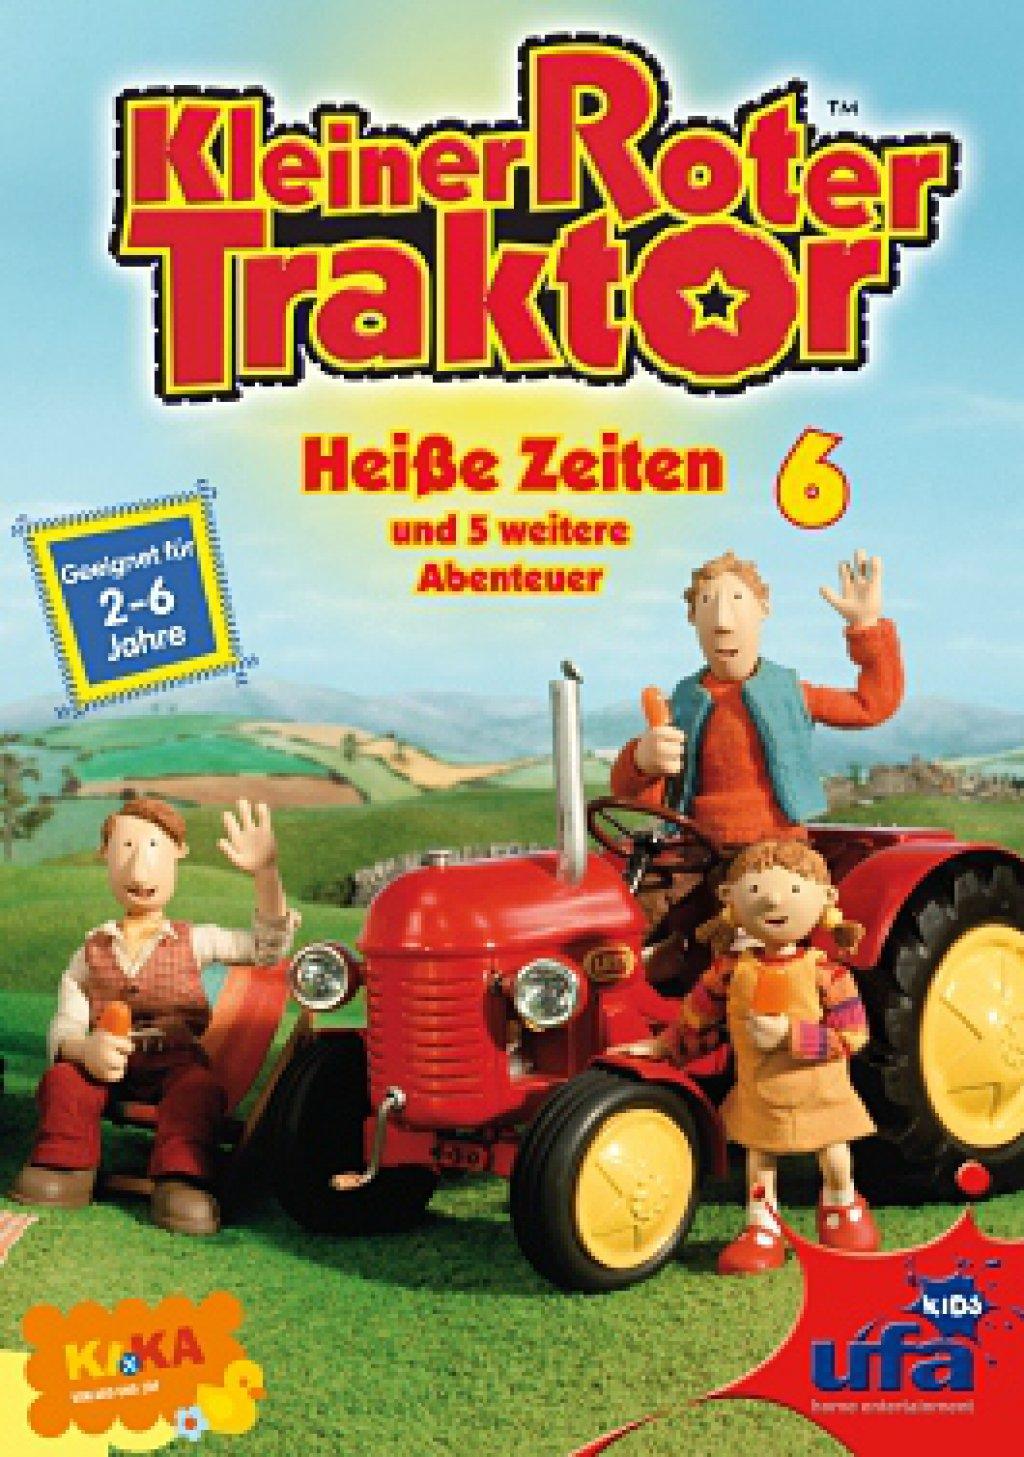 kleiner roter traktor  vol 06  heiße zeiten dvd